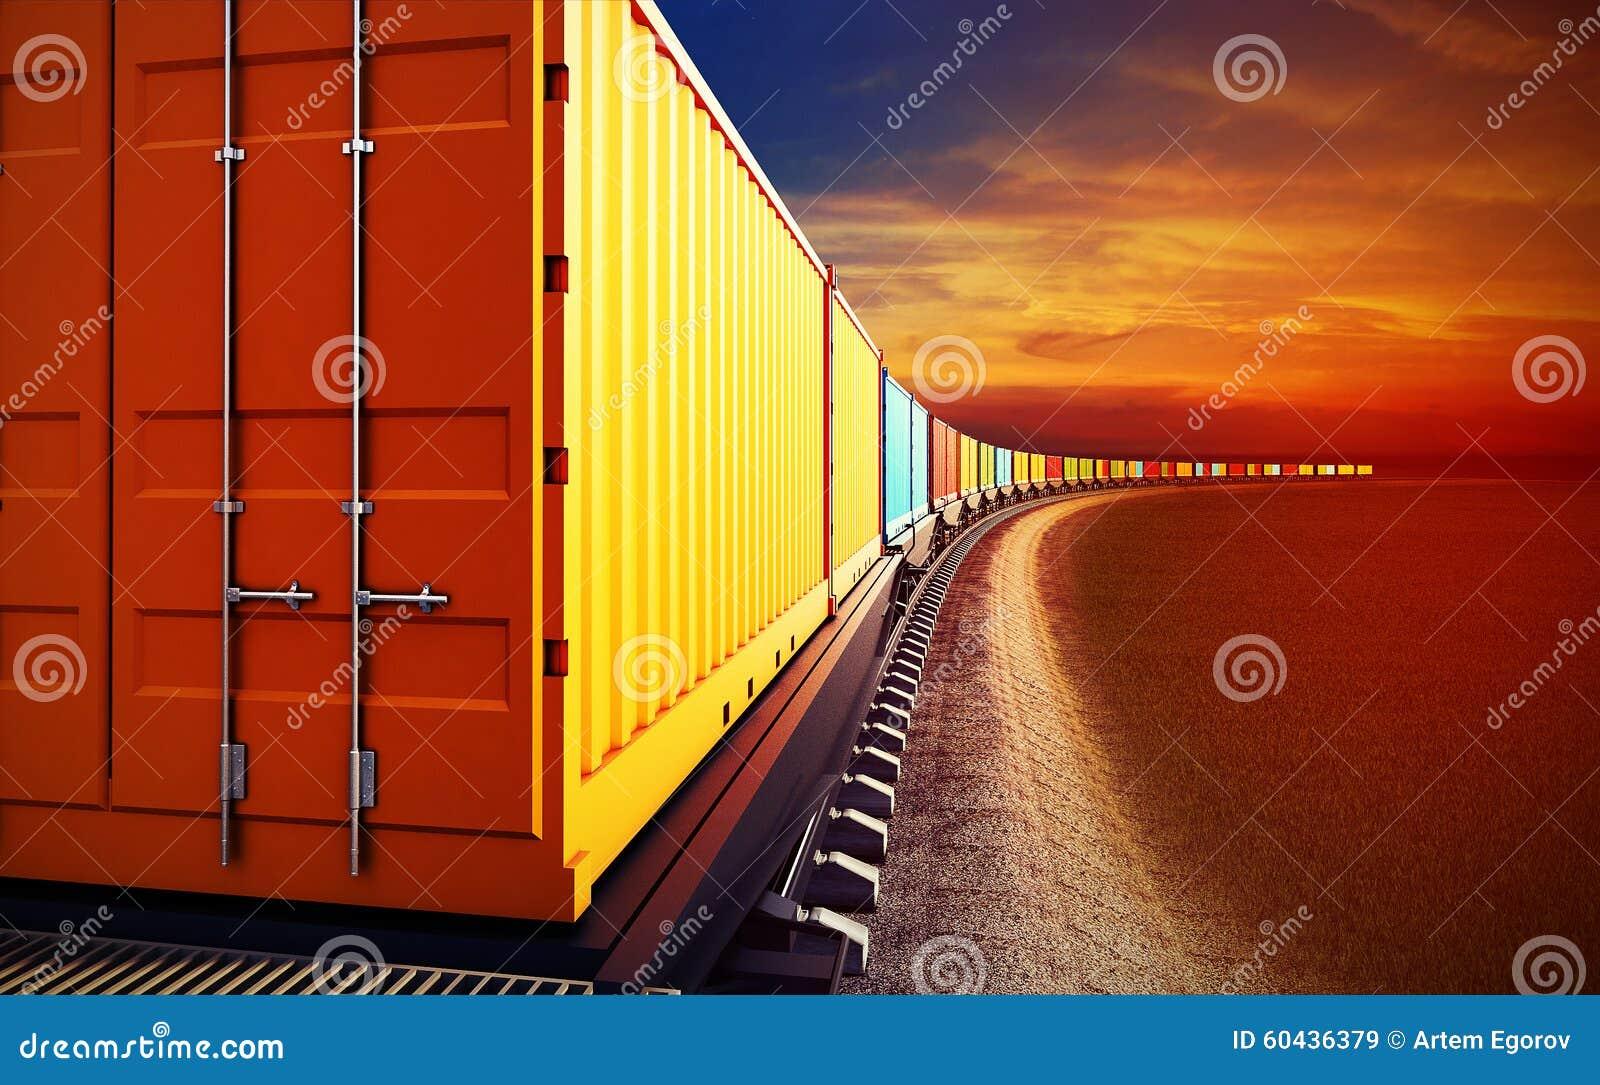 Furgon pociąg towarowy z zbiornikami